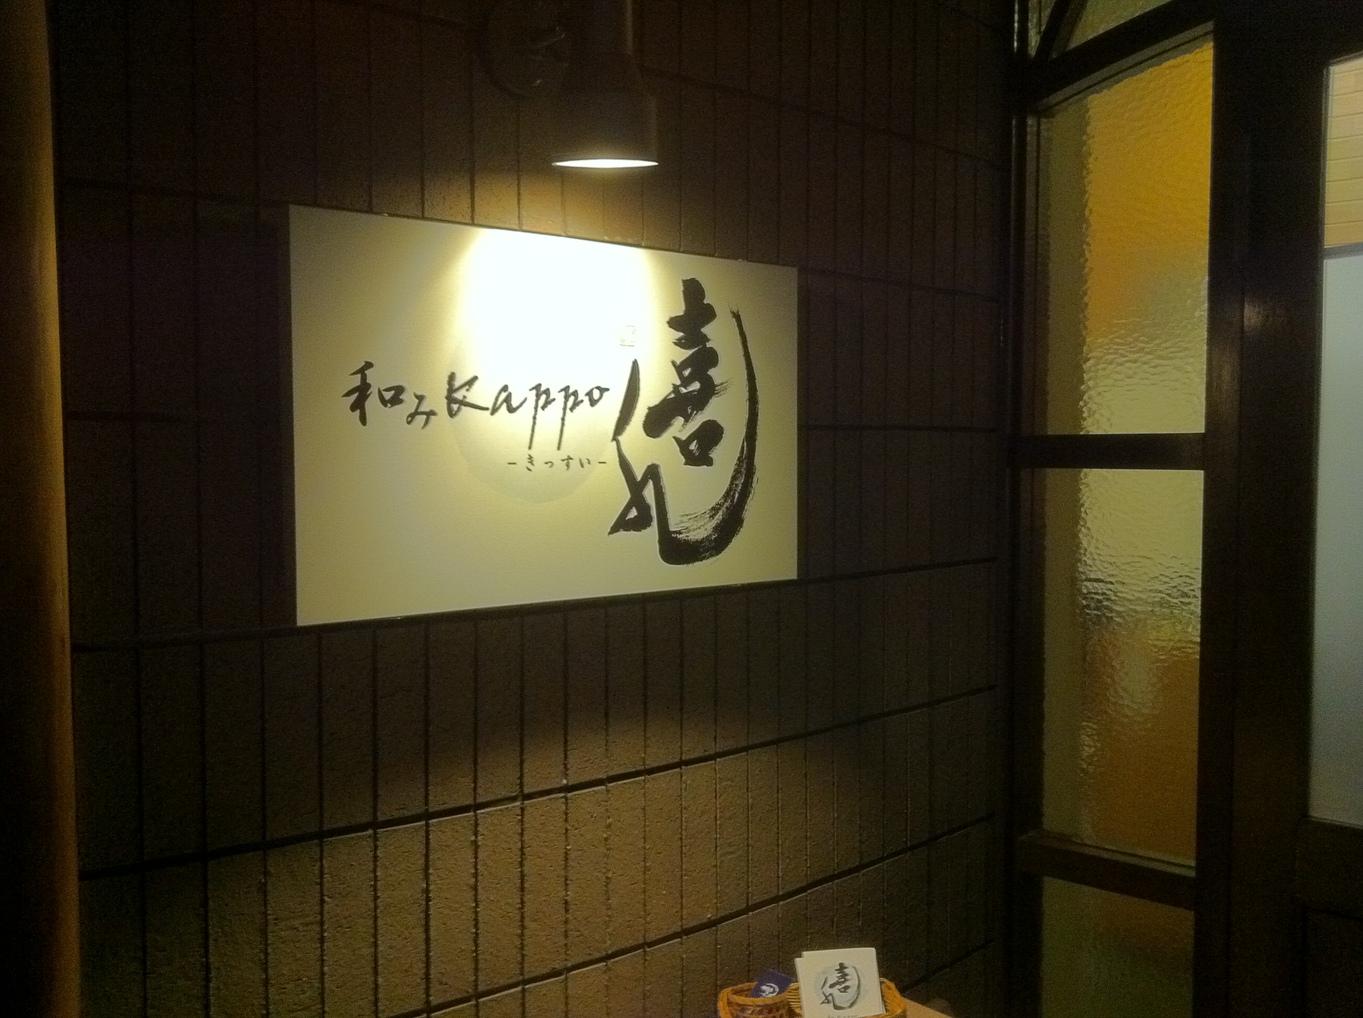 和みKappo喜水